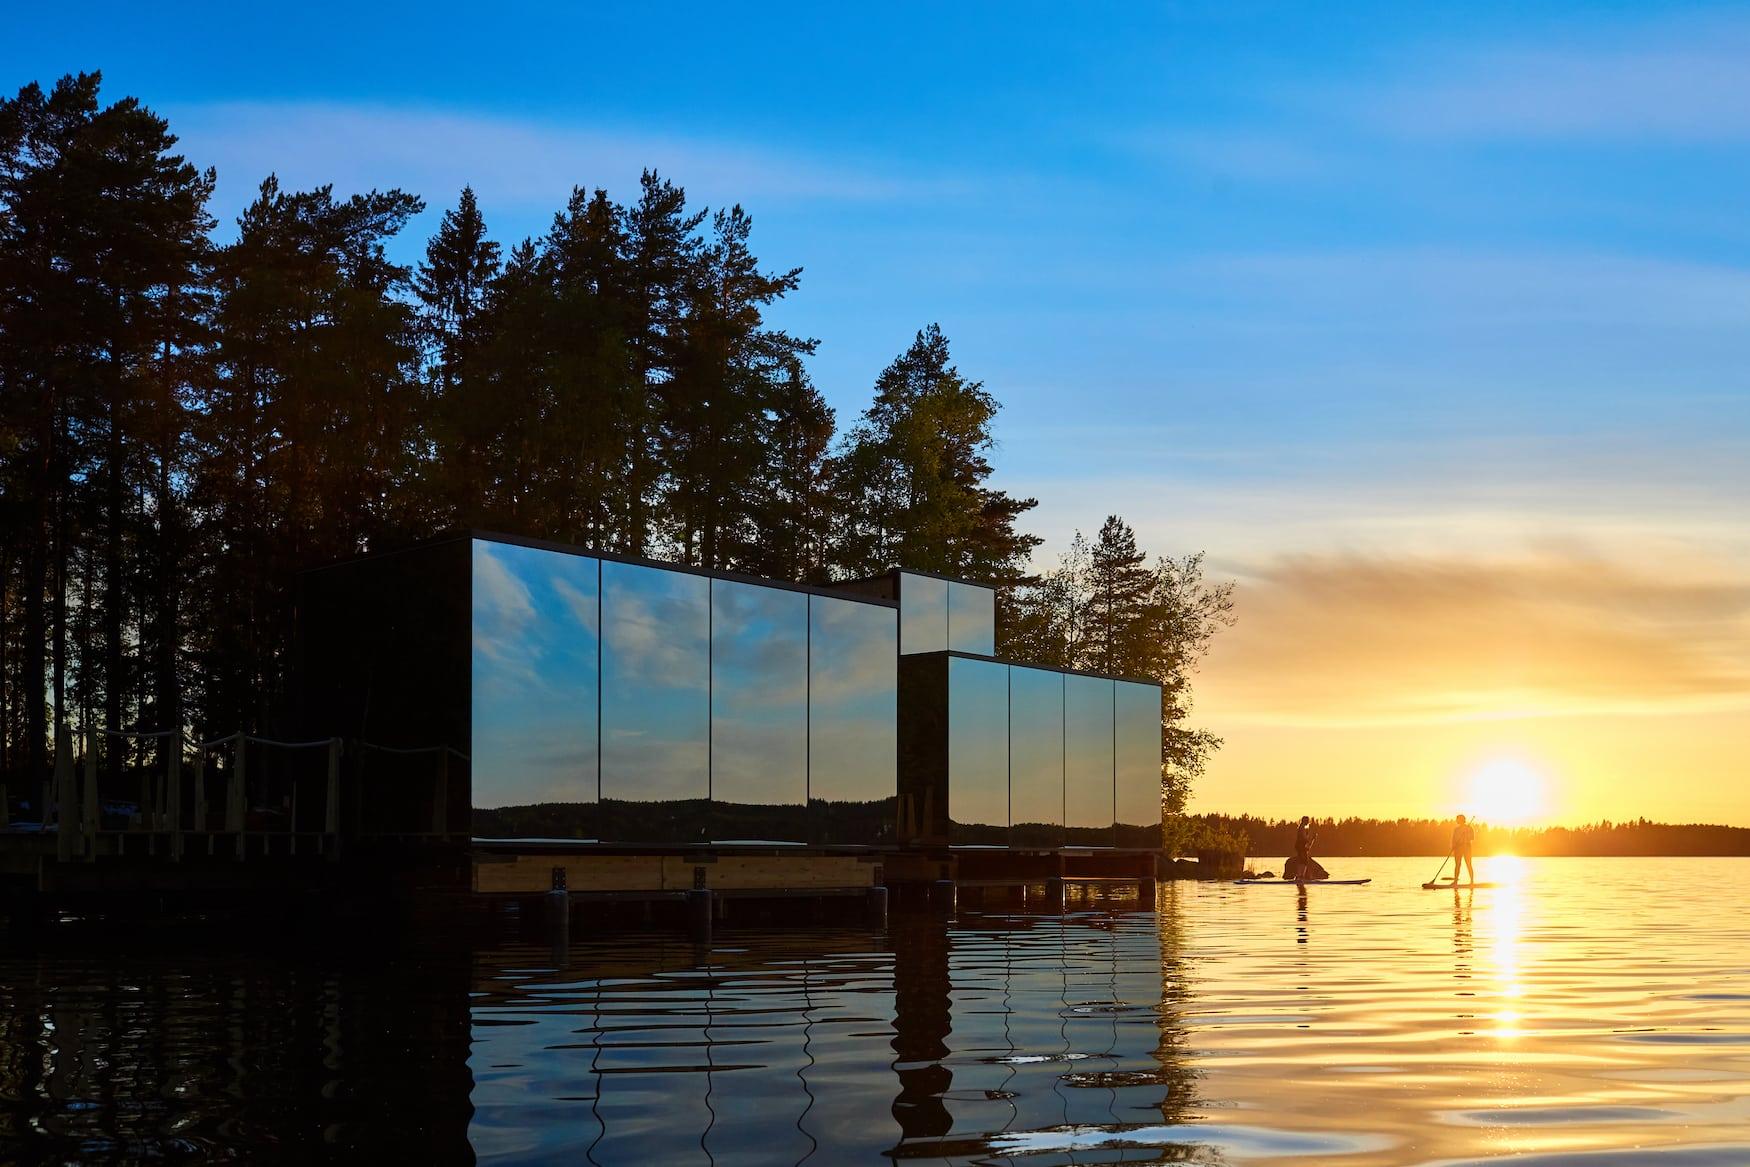 SUP auf dem See des Lehmonkärkie Resorts in Finnland